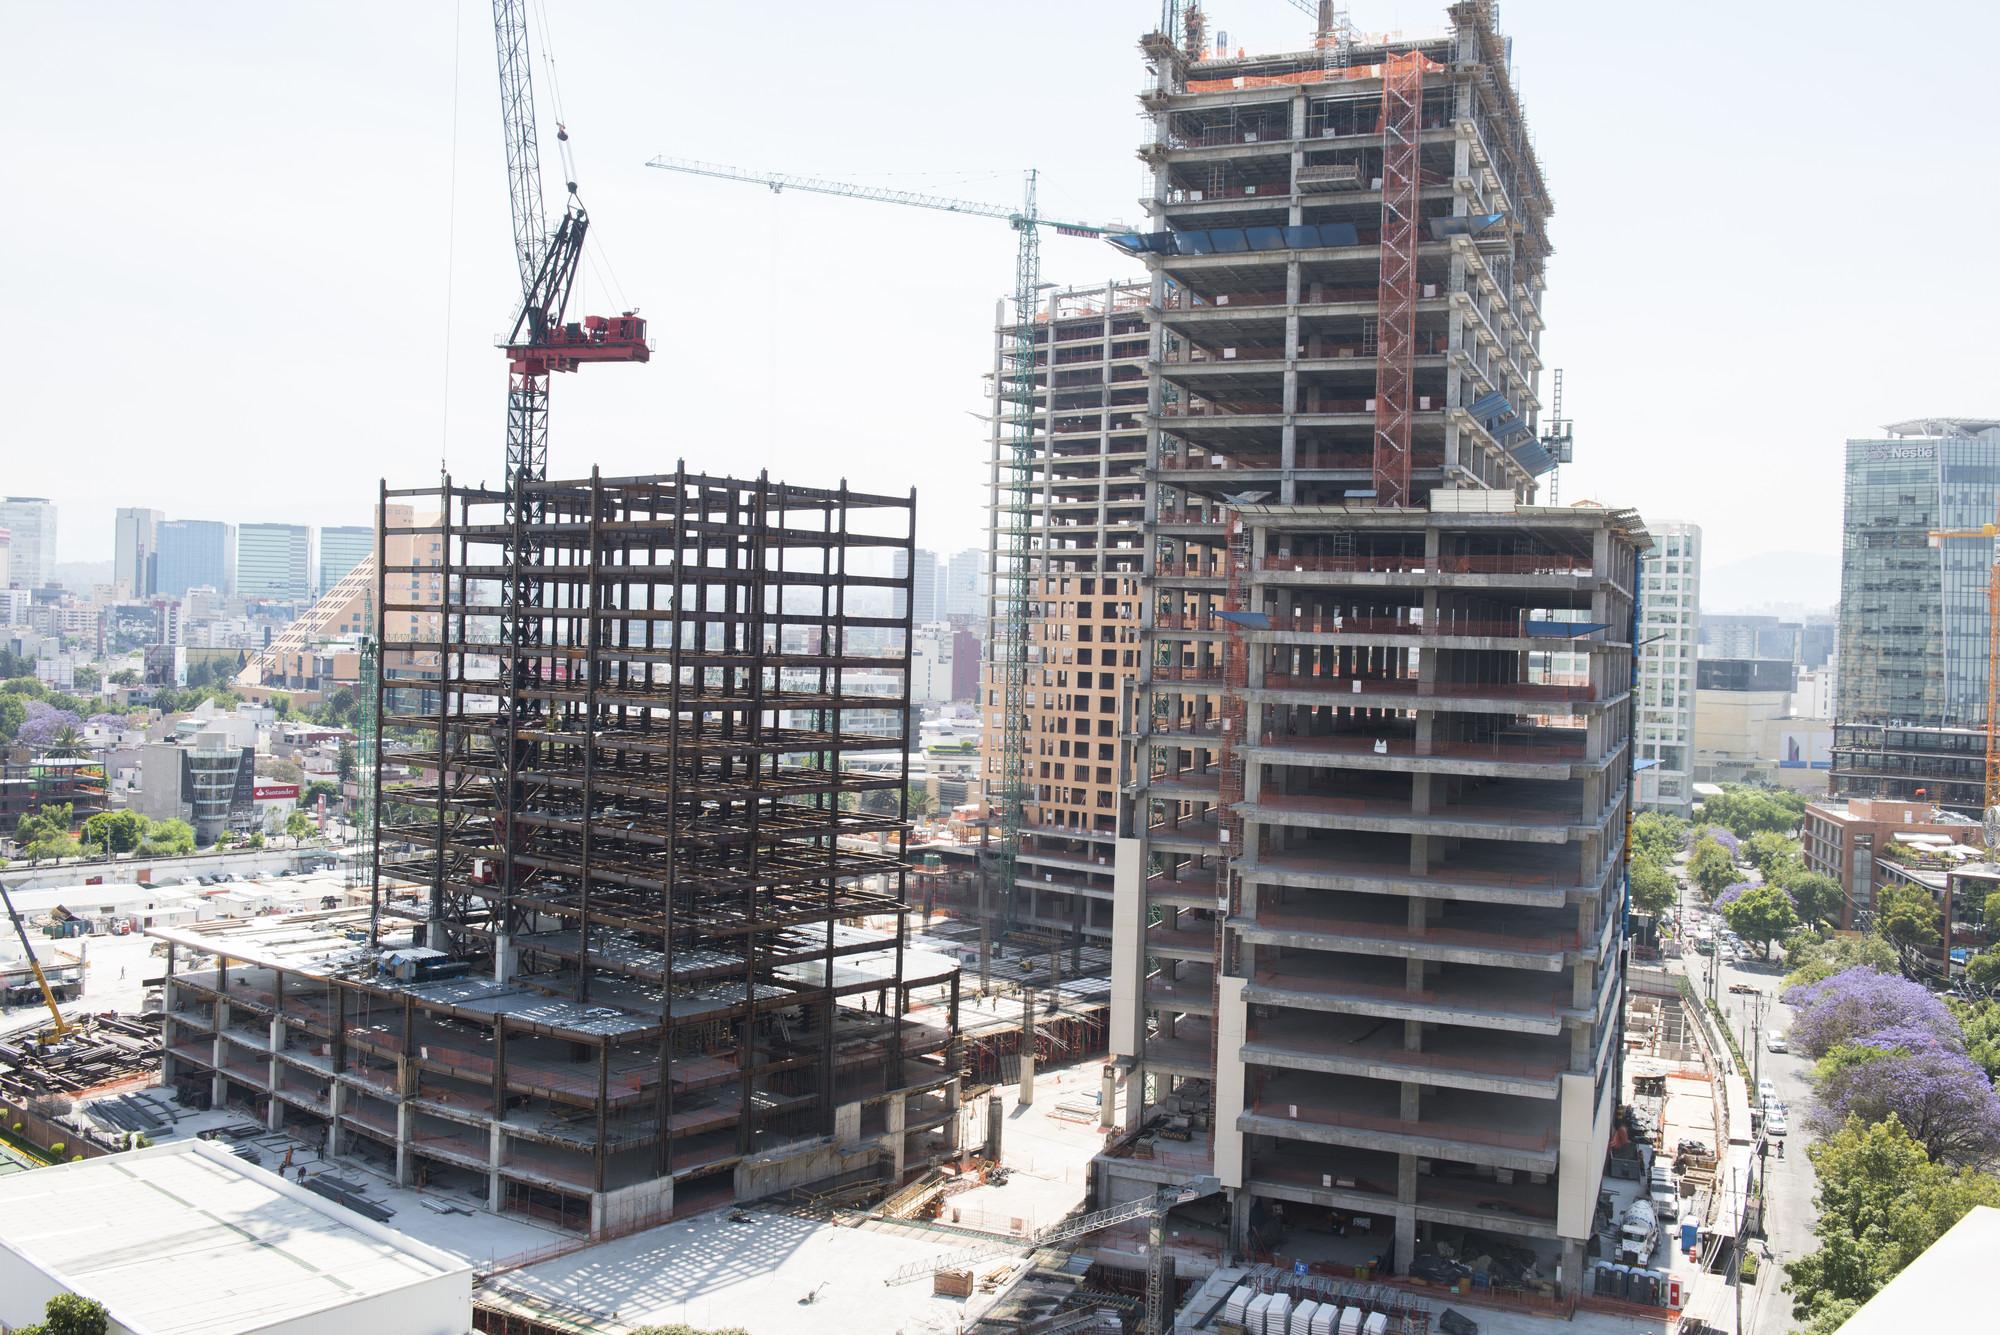 En construcción: Nuevo centro urbano en la Ciudad de México por Legorreta + Legorreta, Avance de obra, abril 2015. Image © Gigante Grupo Inmobiliario